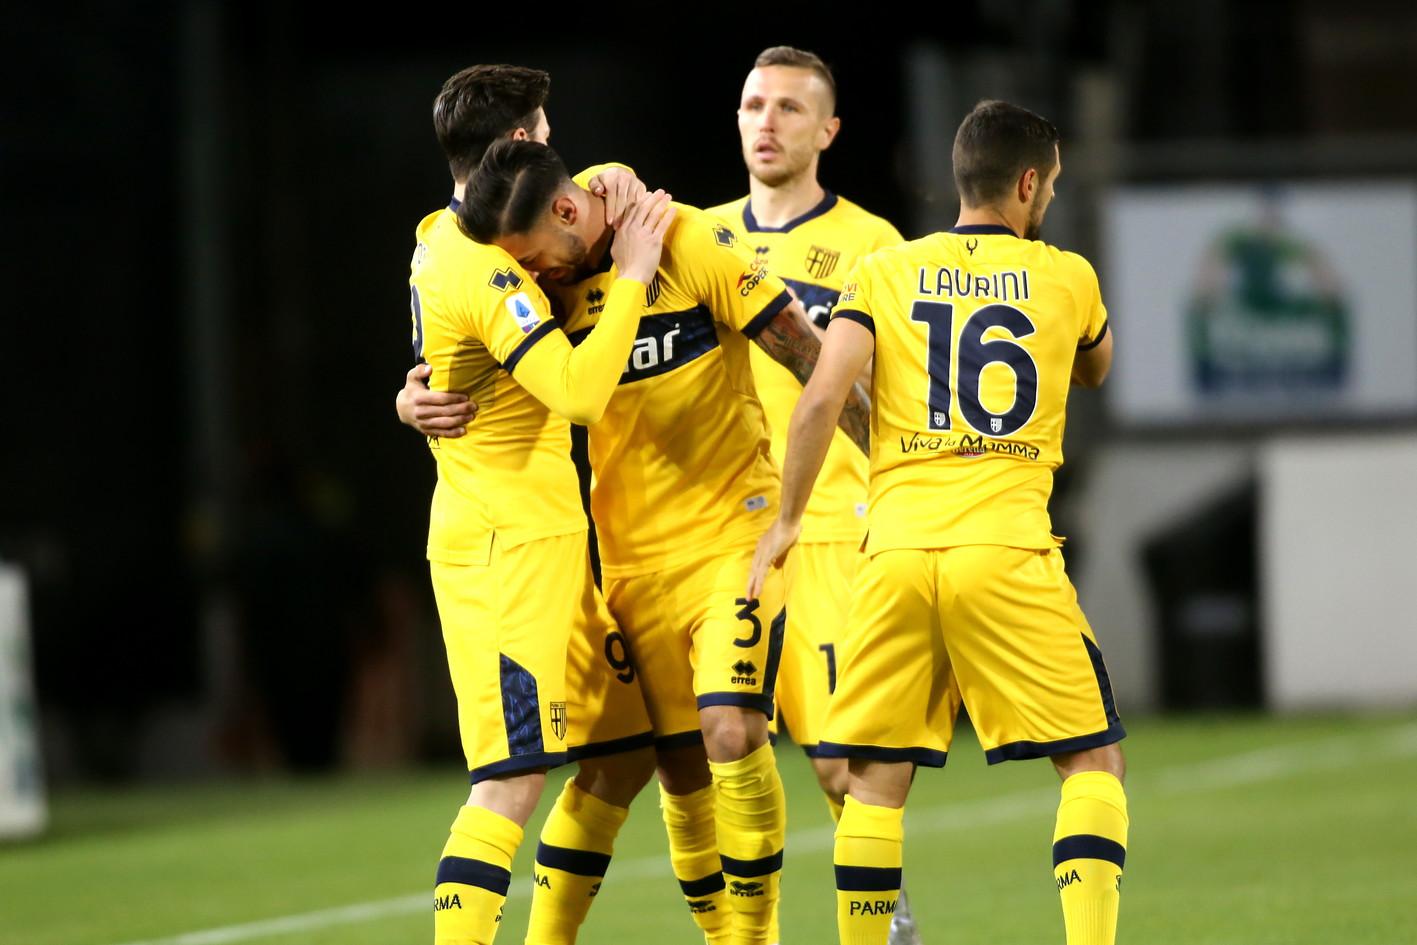 Le migliori foto di Cagliari-Parma 4-3<br /><br />